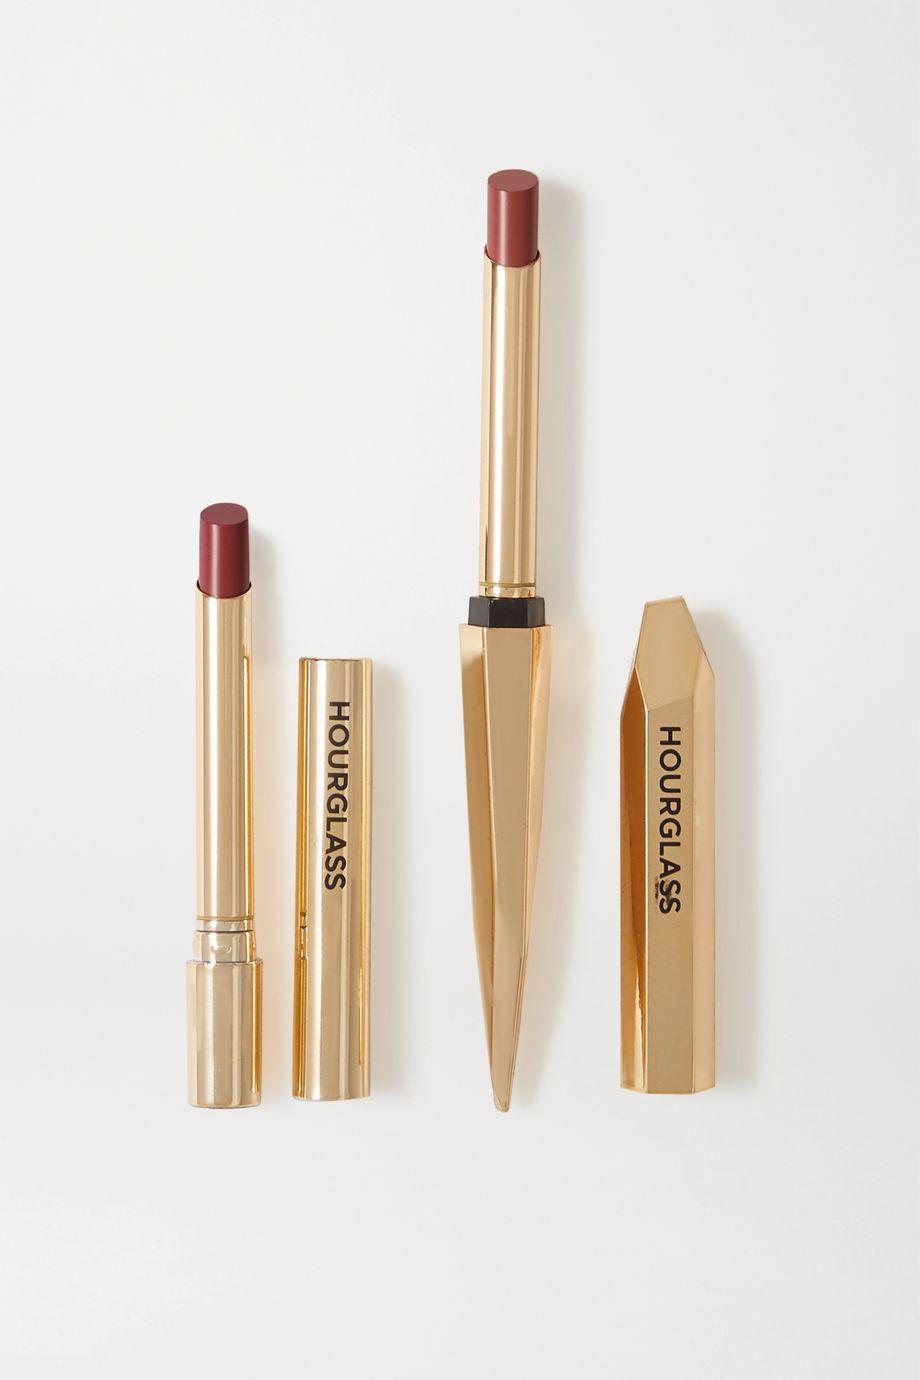 Hourglass Confession Refillable Lipstick Set - Sculpture